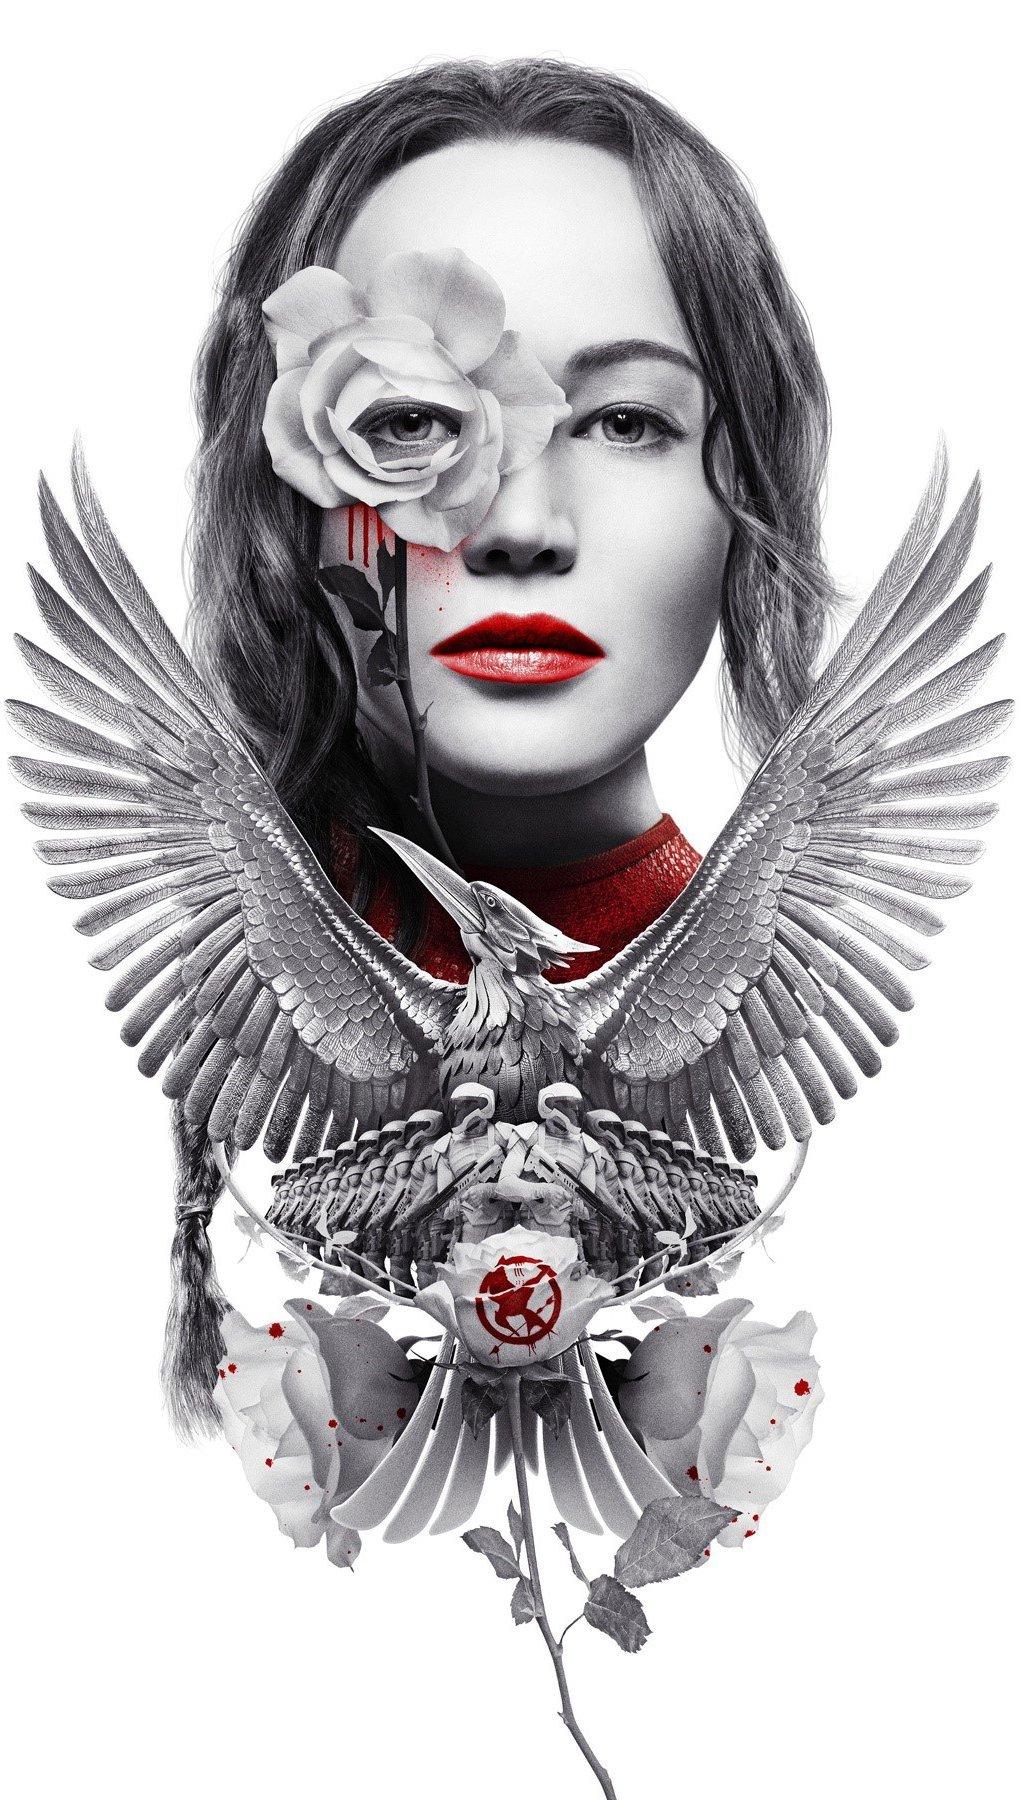 Fondos de pantalla Dibujo de Katniss Everdeen como un sinsajo Vertical